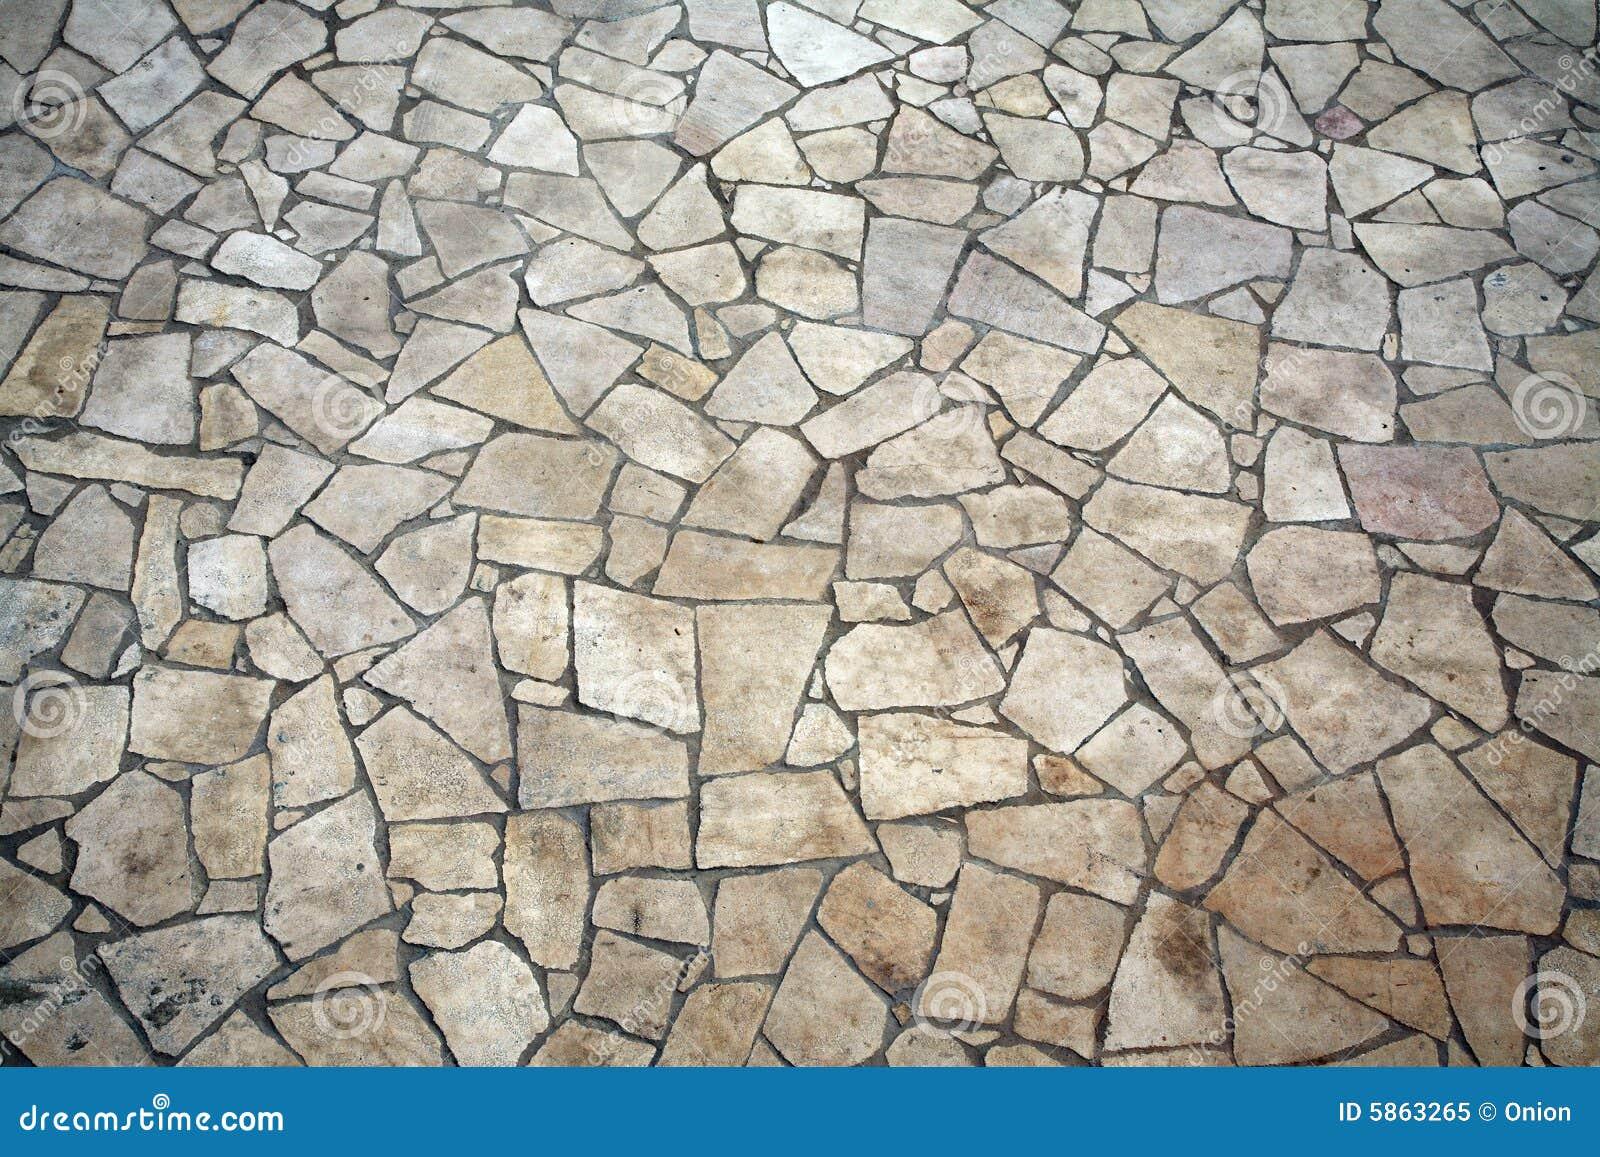 Pietra pavimento disegno : Pavimento Di Pietra Di Forma Irregolare Fotografia Stock Libera da ...